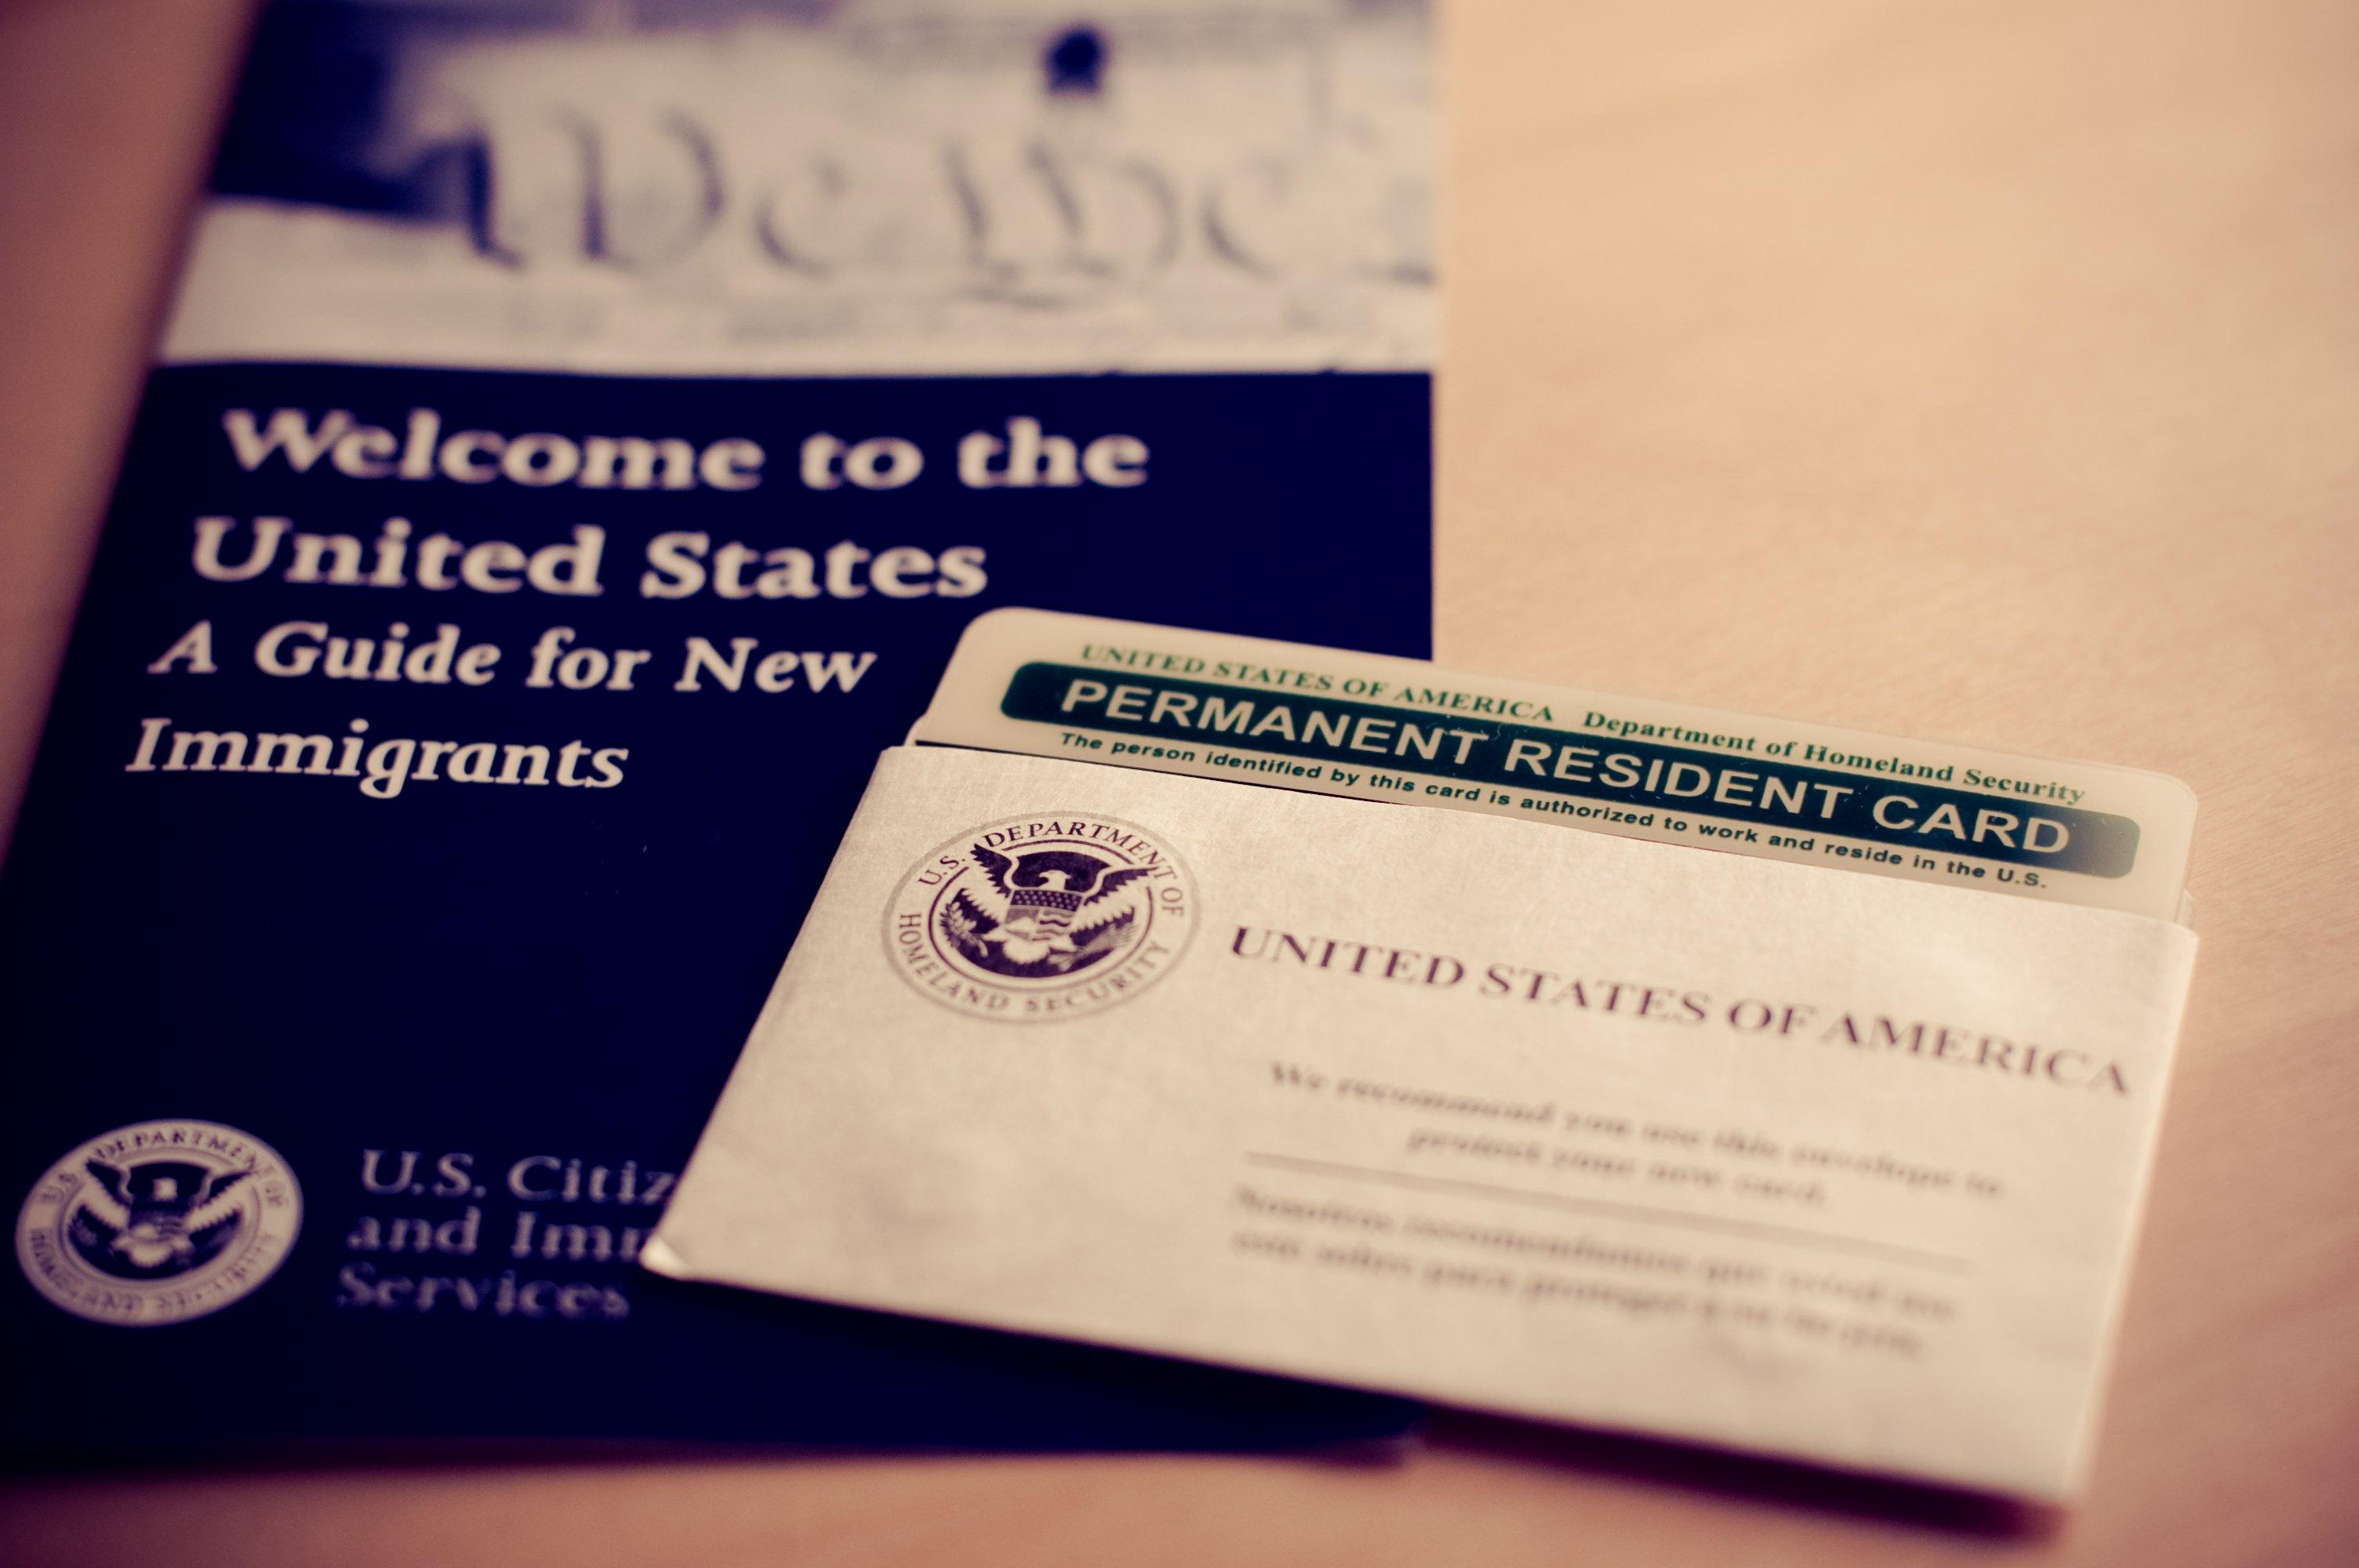 特朗普政府或即将限制给美国公民和永久居民的配偶和未成年子女发放绿卡